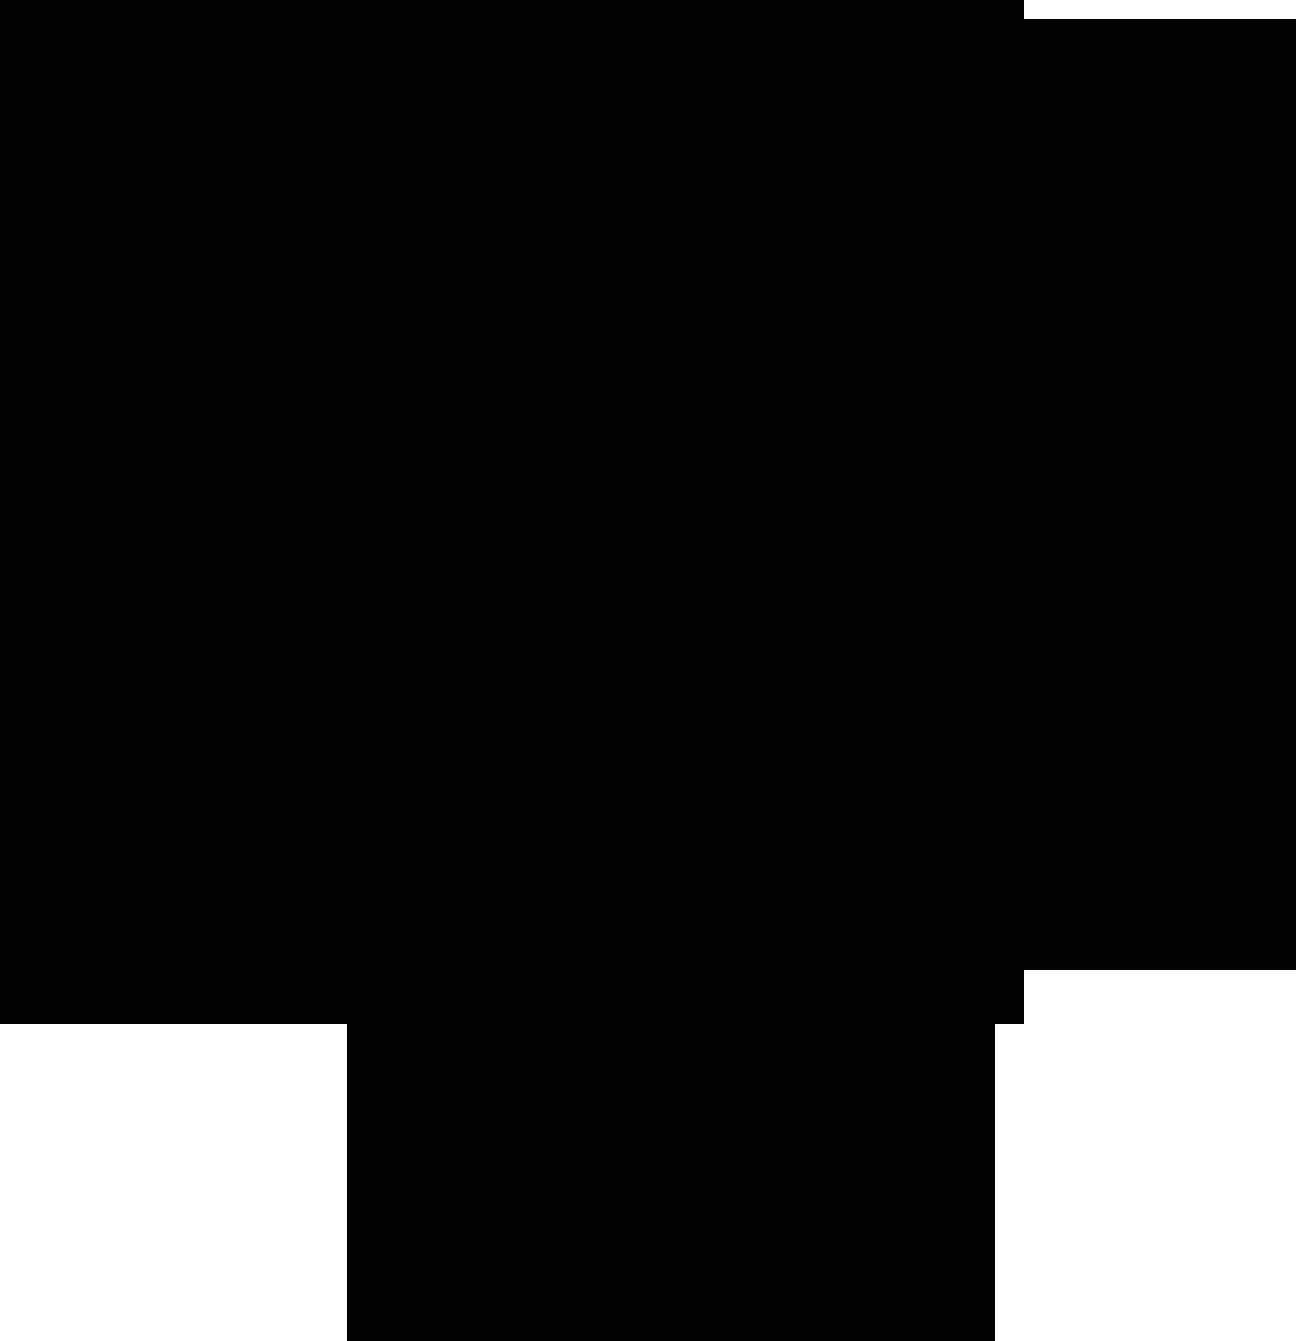 Ангел (купидон) с луком в сердце